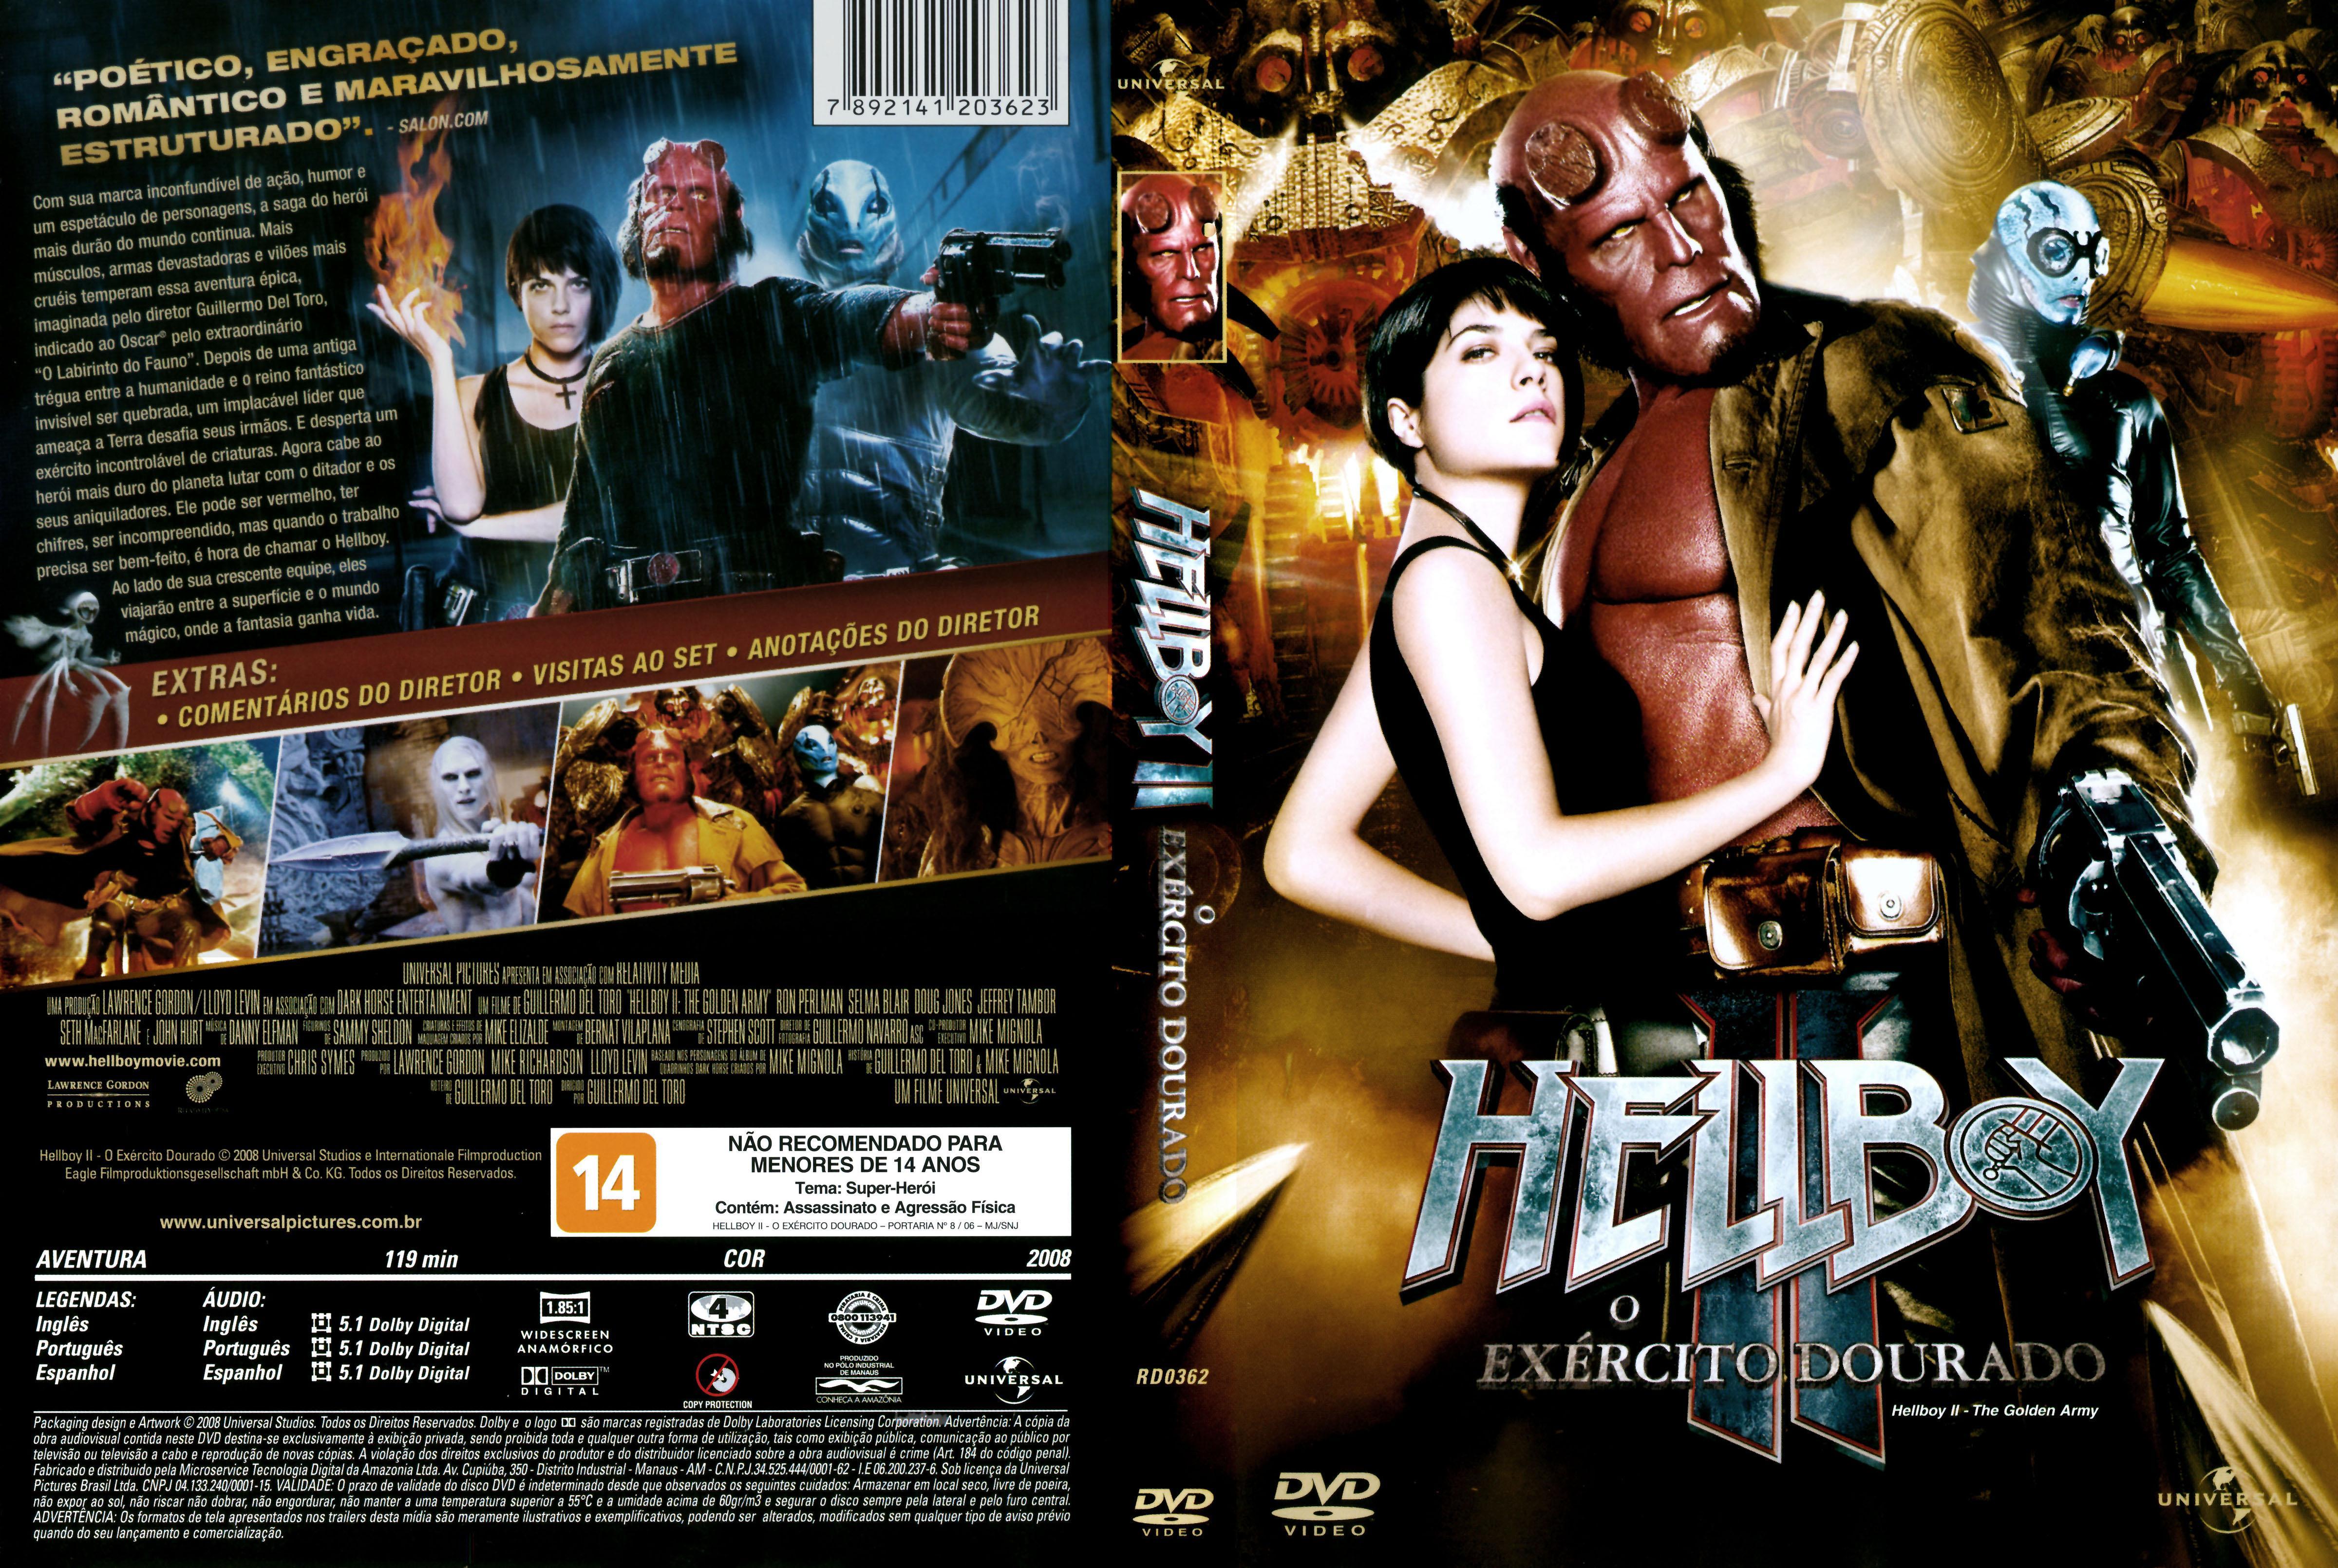 Hellboy2OExercitoDourado